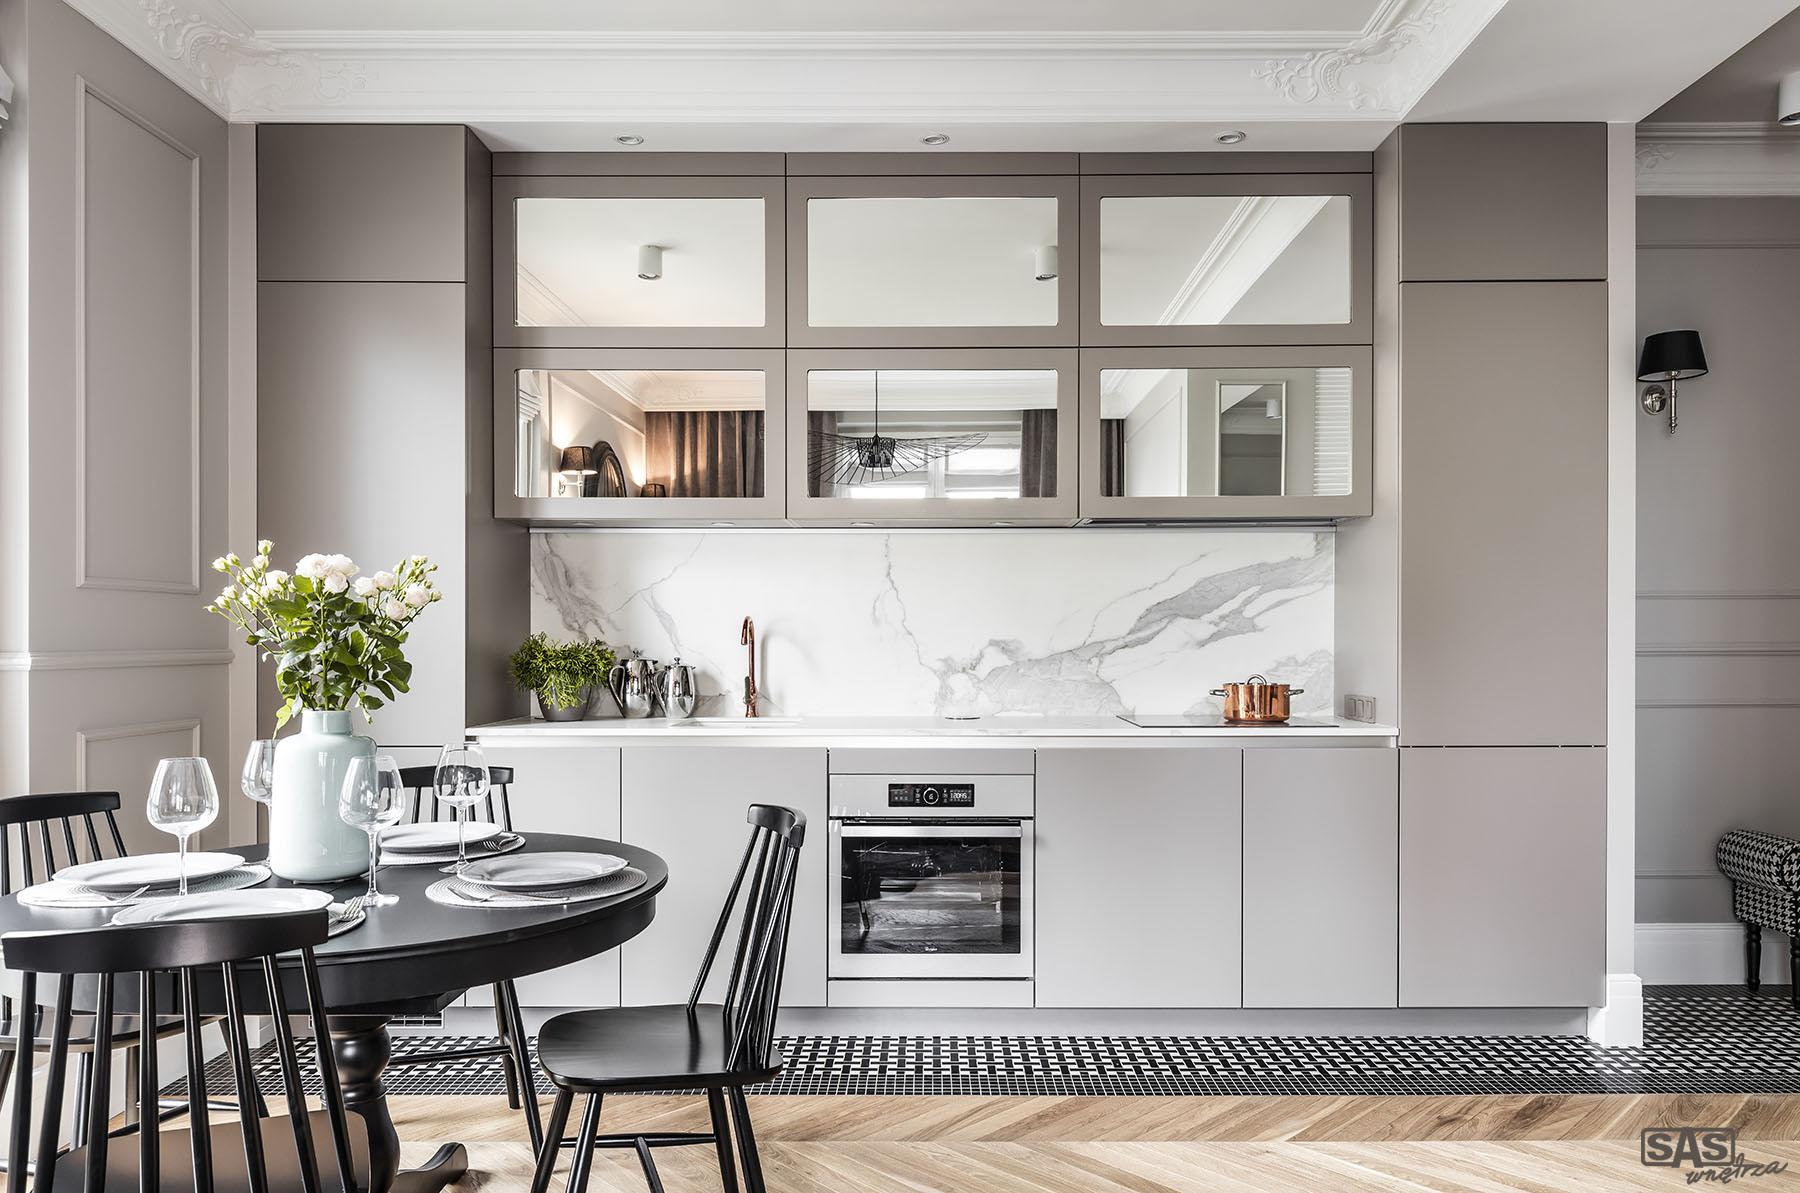 Meble kuchenne Sand - oferta SAS Wnętrza i Kuchnia, projekt architekt wnętrz Emilia Strzempek Plasun.